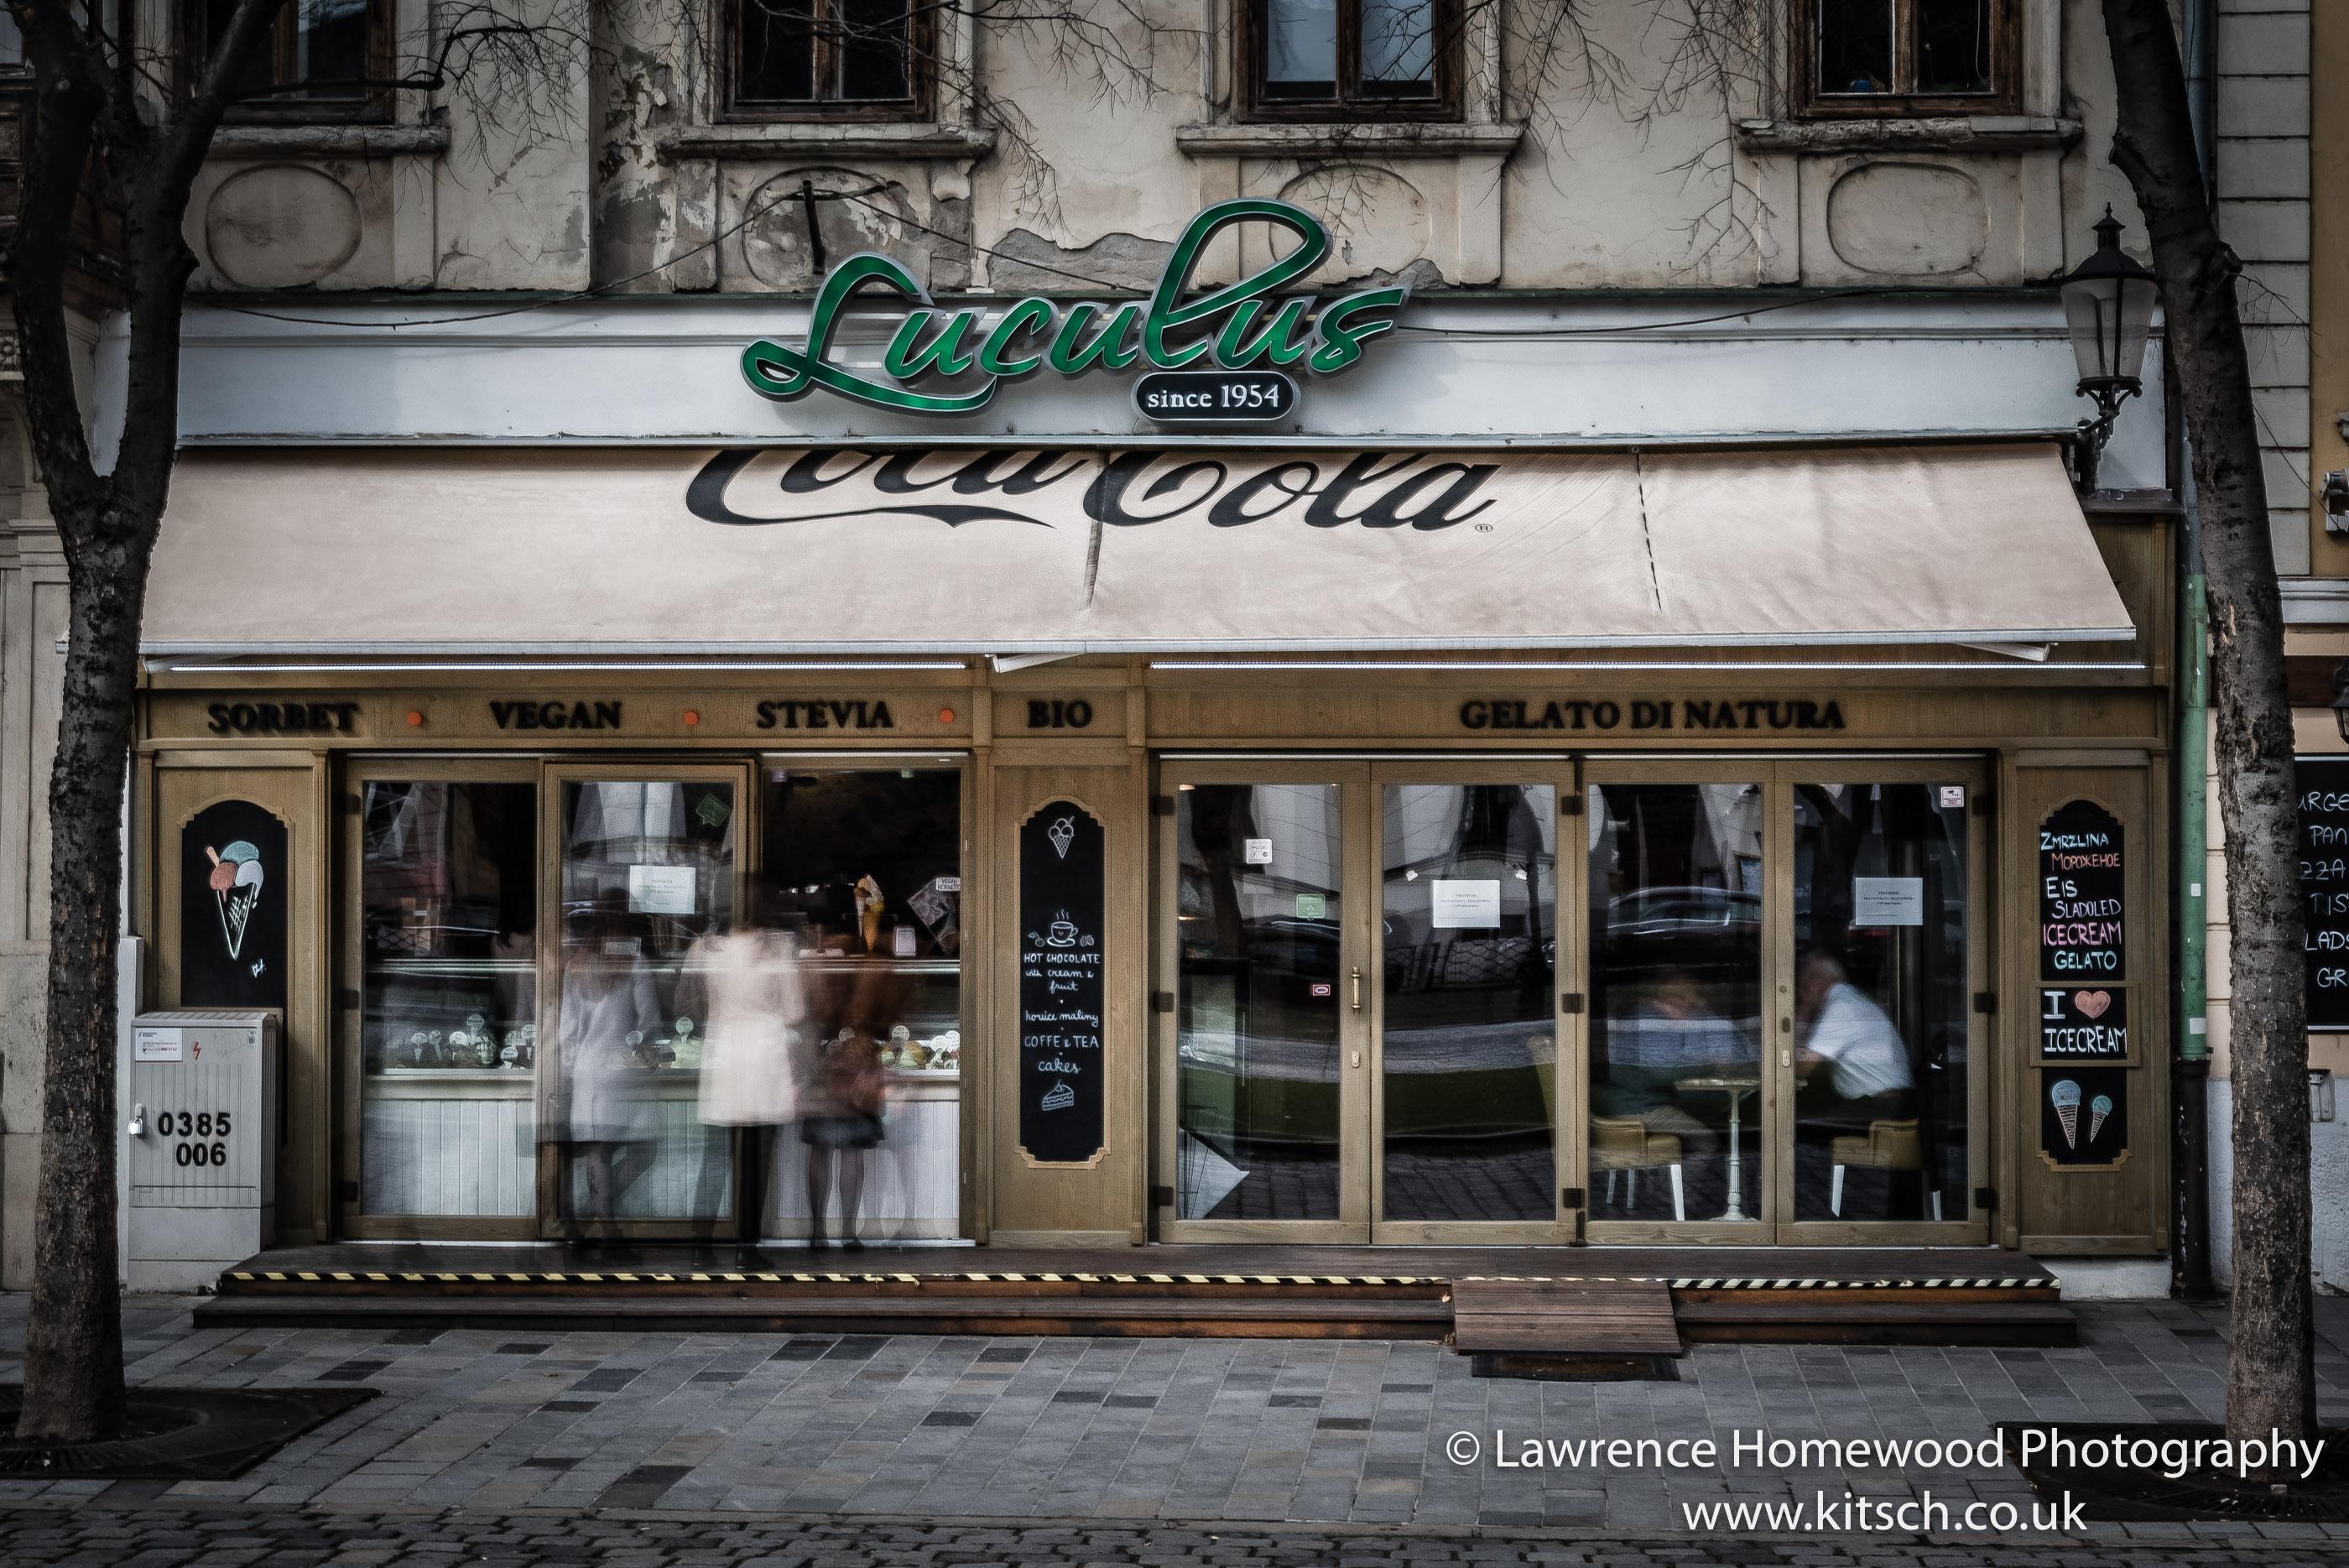 Bratislava Luculus since 1954